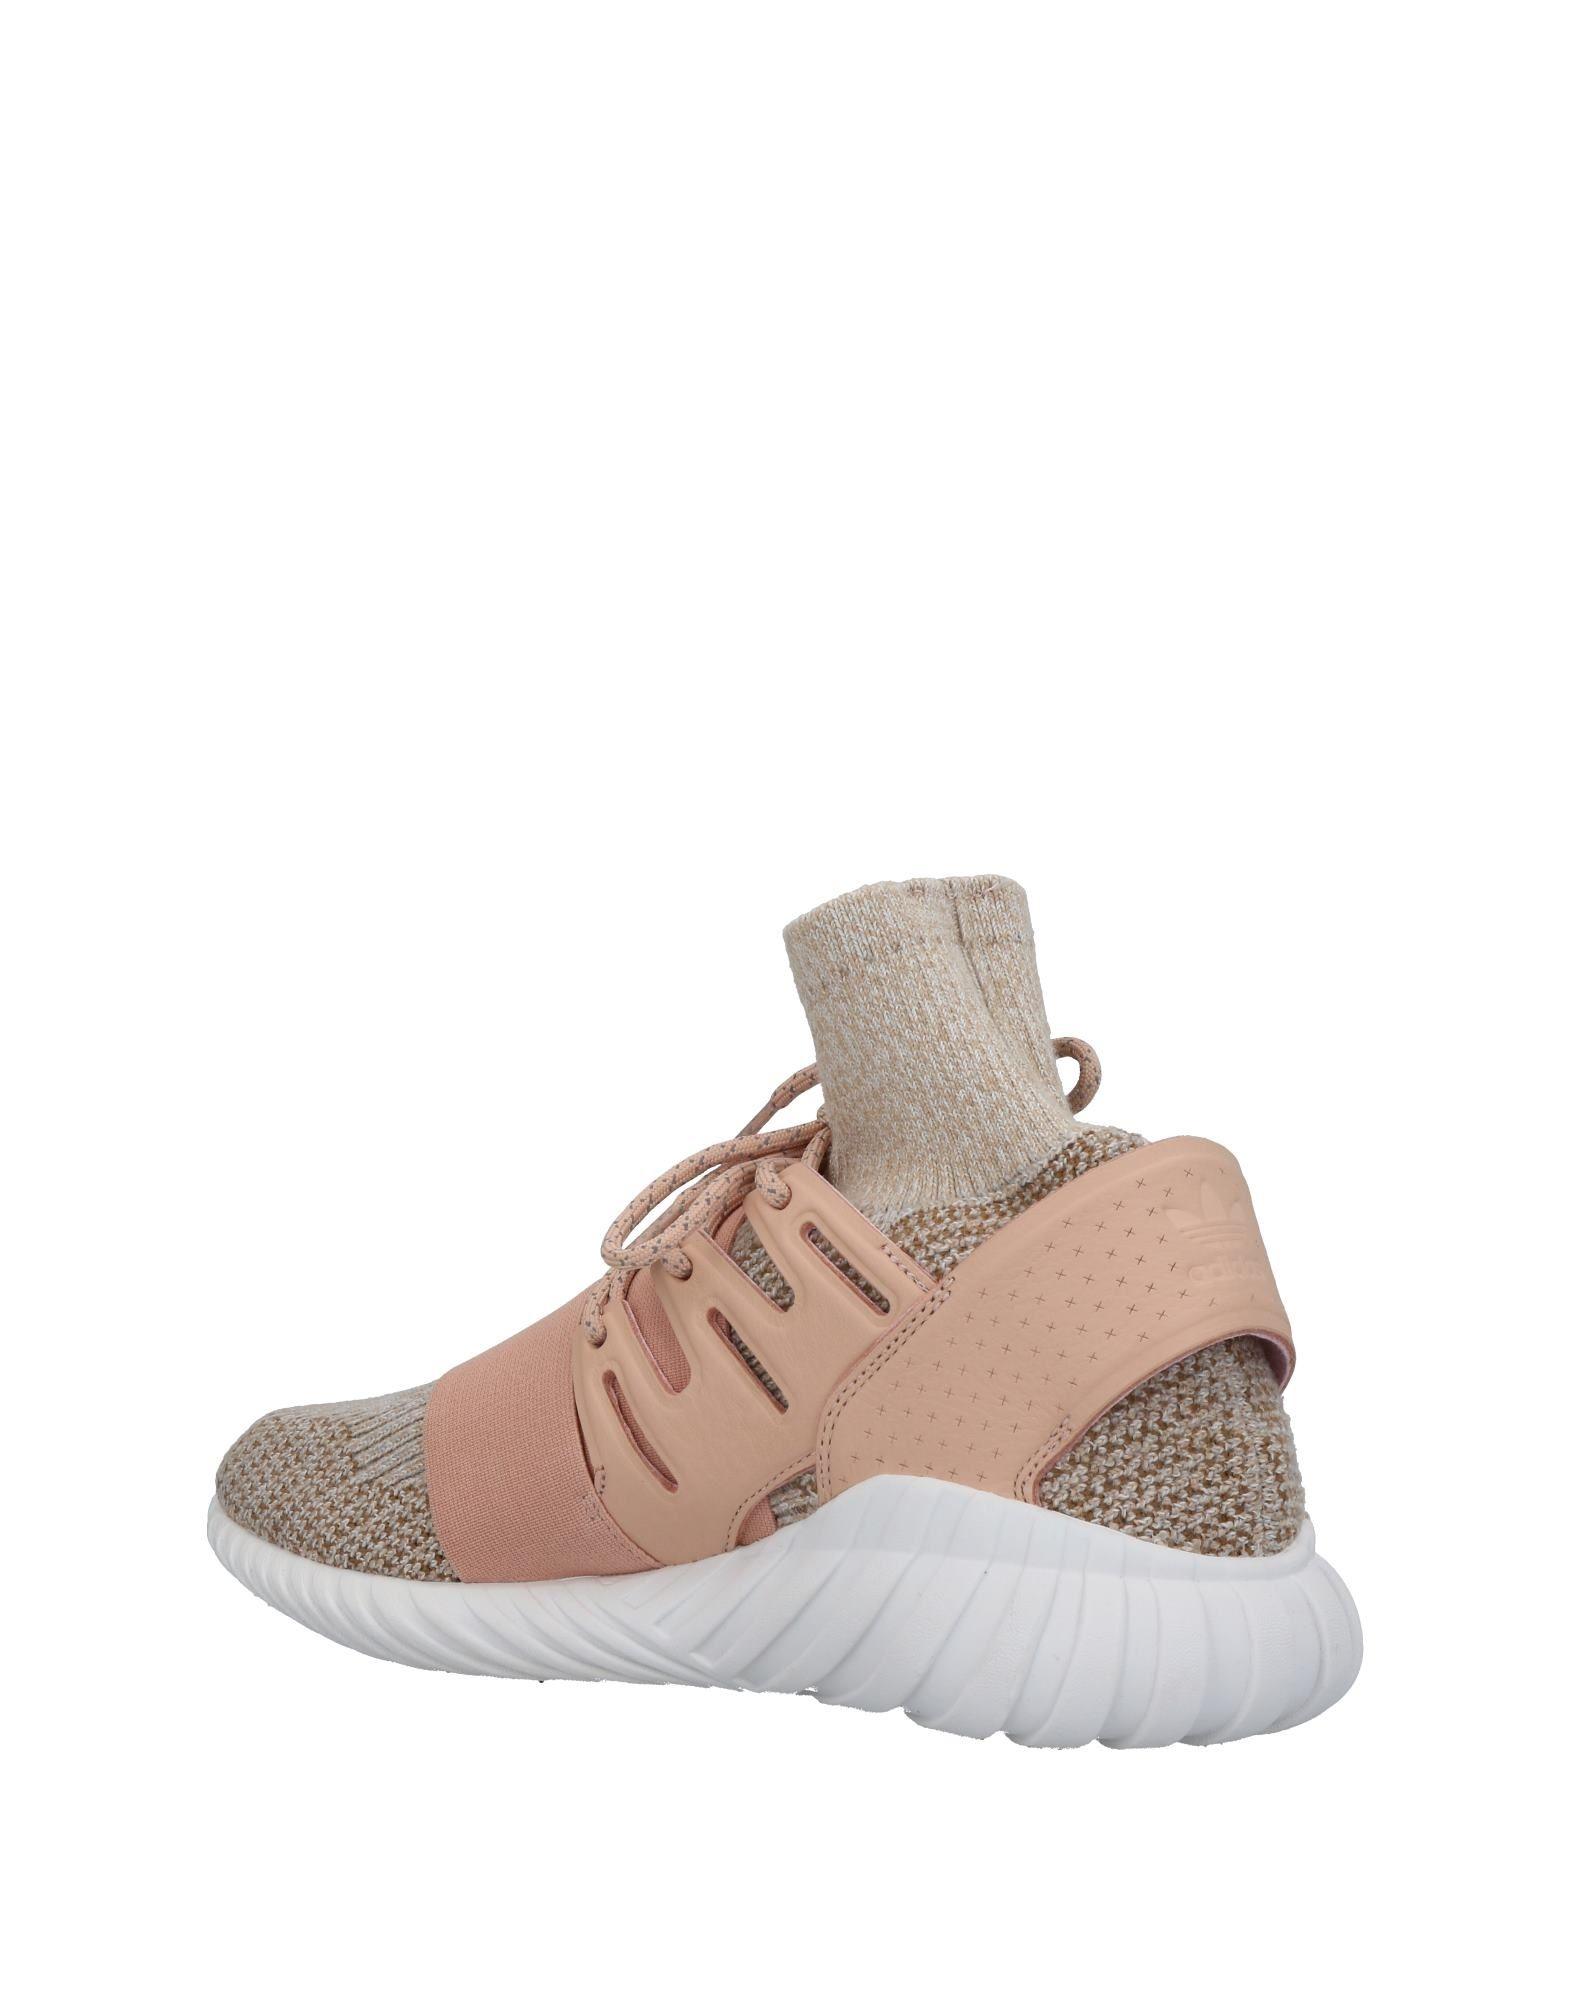 Adidas Originals Sneakers  Herren  Sneakers 11362964XK d6f5f0